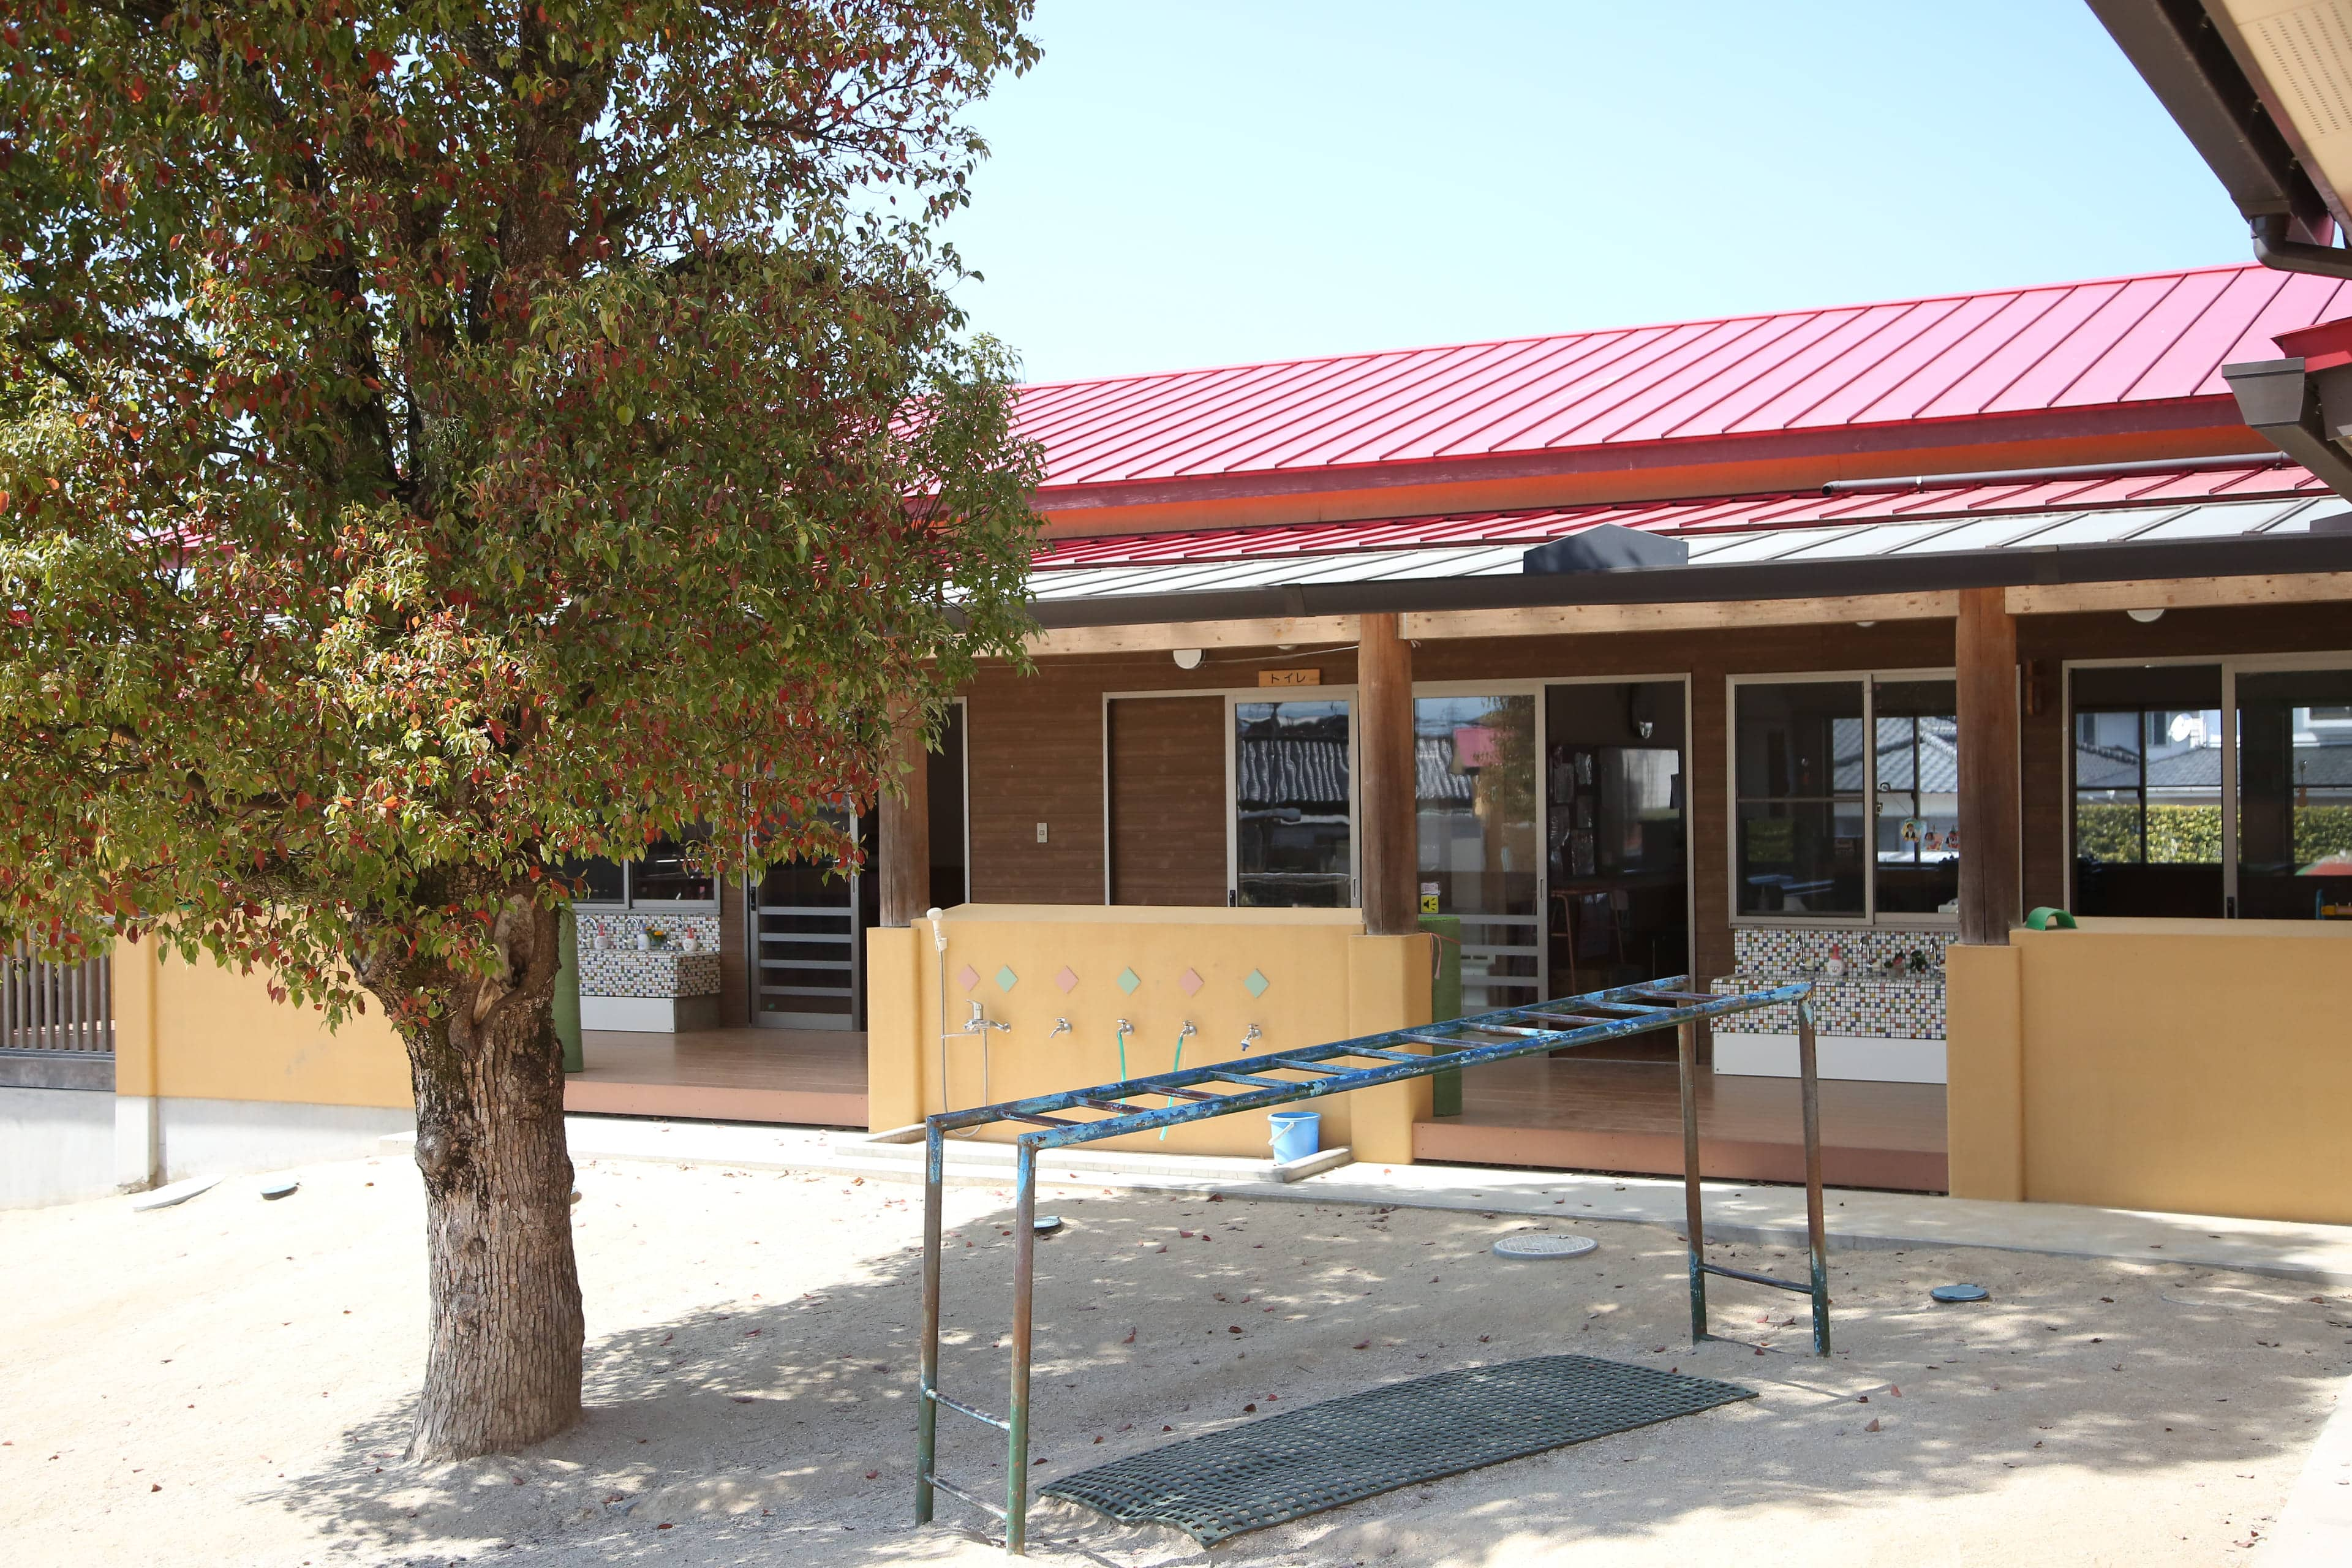 愛宕幼稚園の校舎の様子